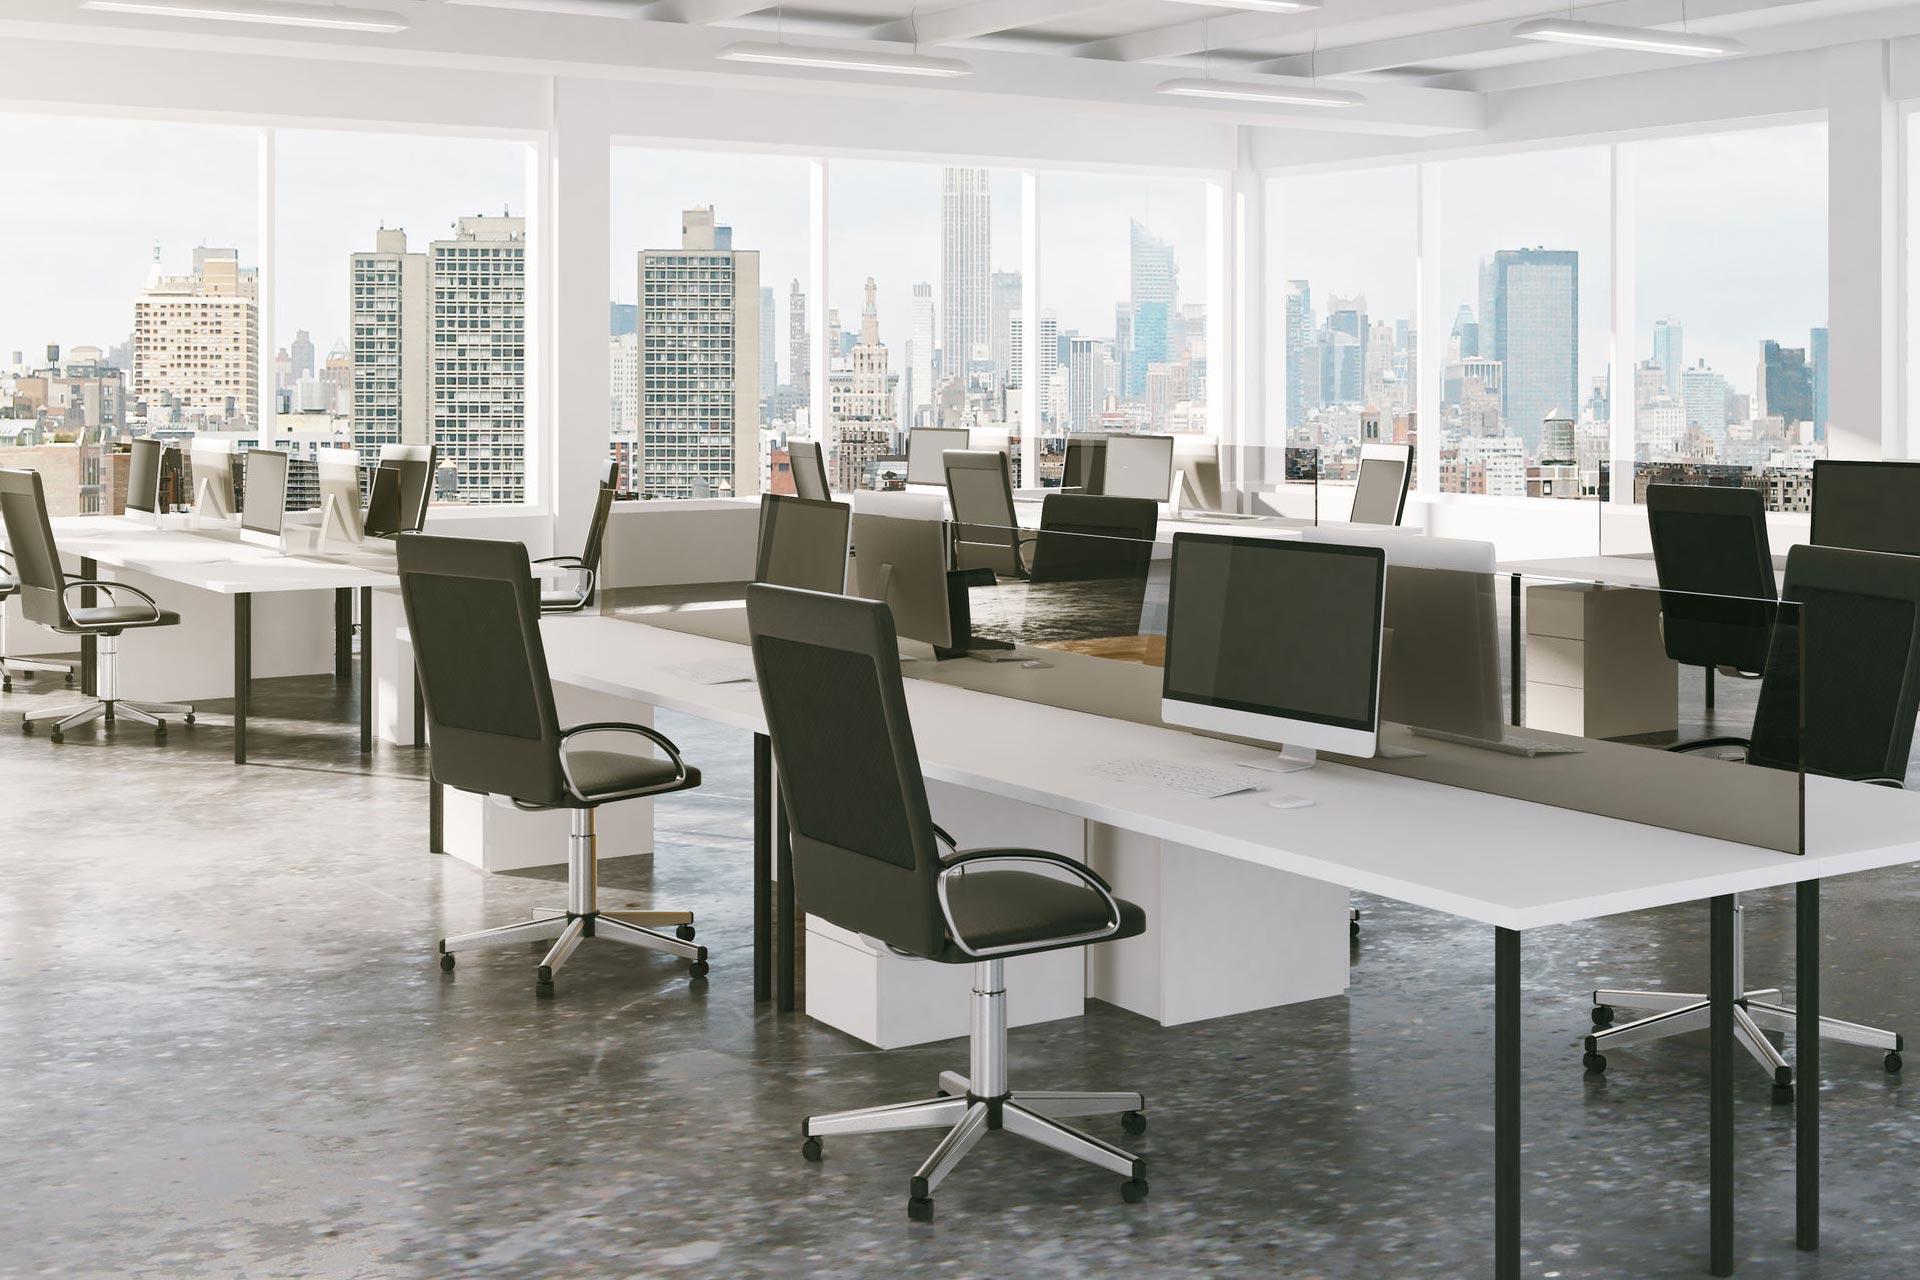 Arbeitsplatz Management Software